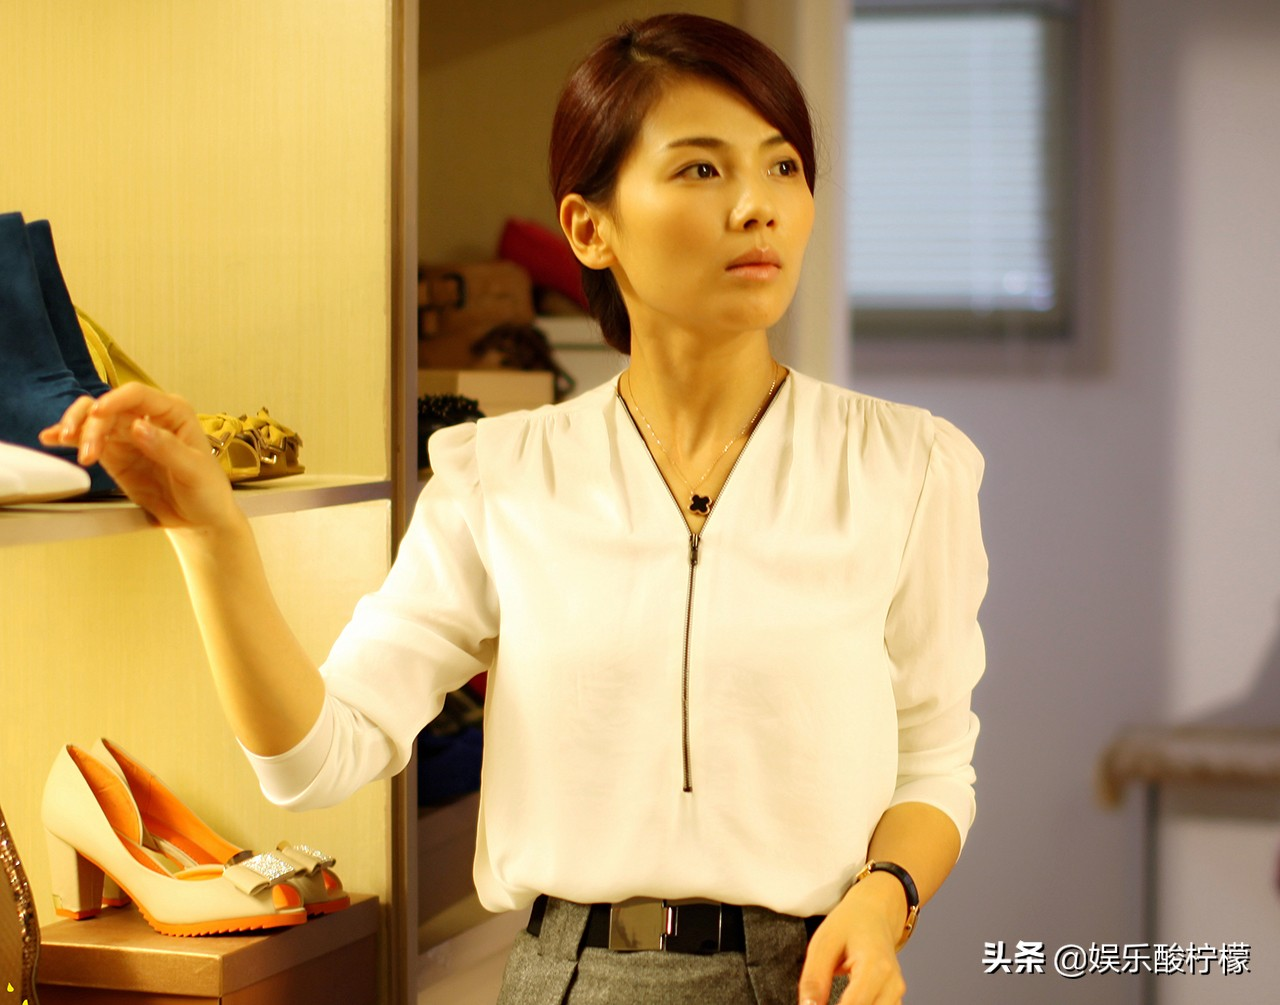 苦等8年,刘涛的电影《空中之城》扑街,上映2天票房不到30万